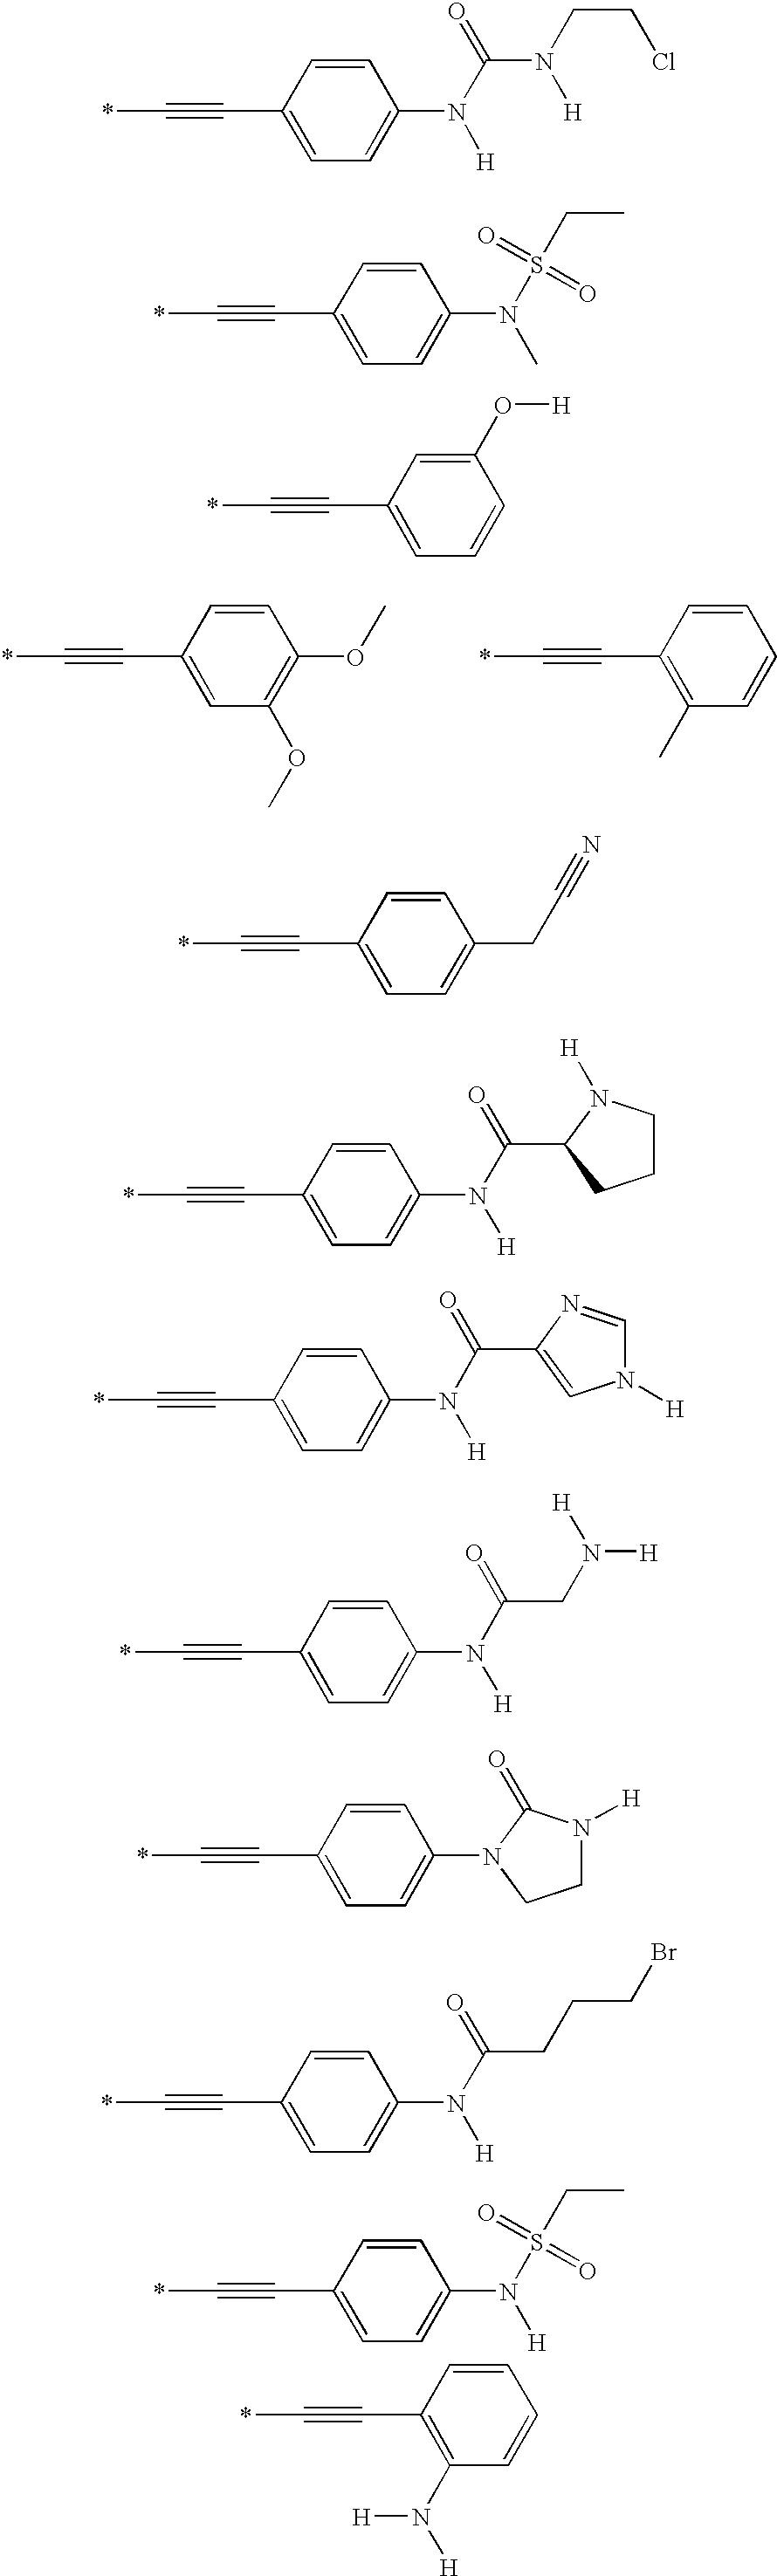 Figure US07781478-20100824-C00109